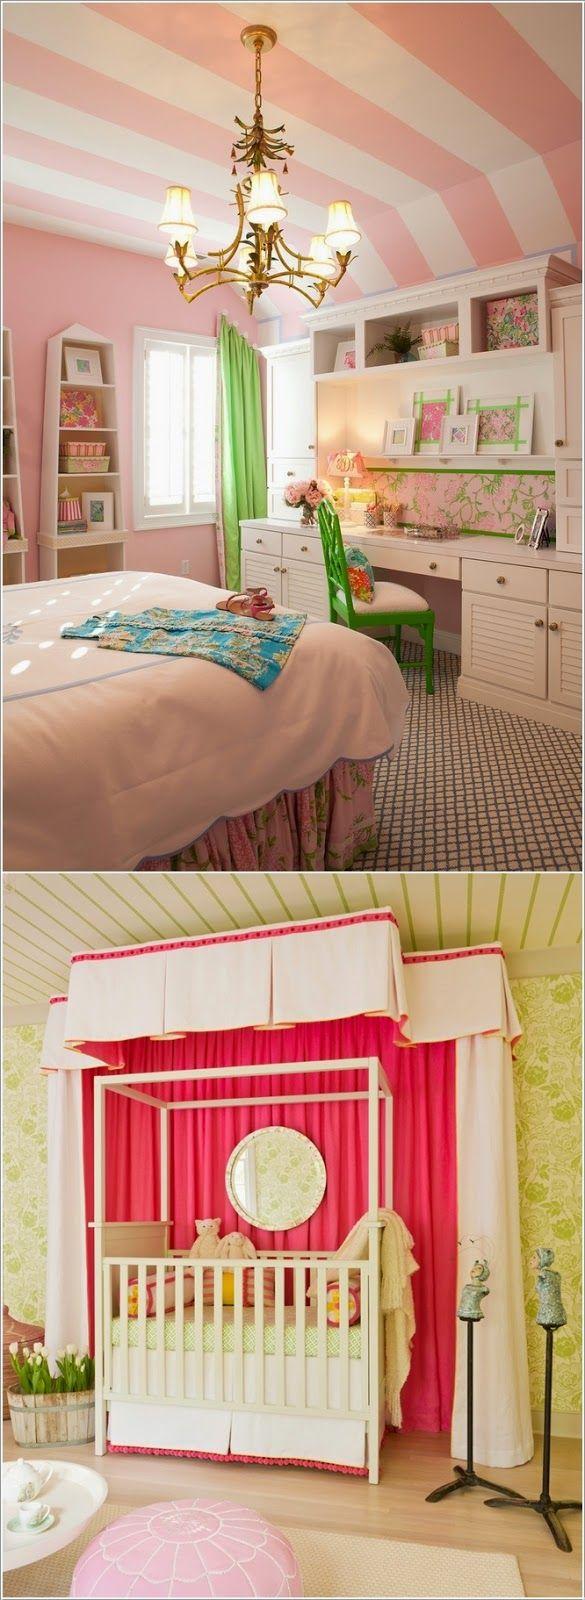 Σπίτι και κήπος διακόσμηση: 15 Υπέροχες Ιδέες για το σχεδιασμό της οροφής στο παιδικό δωμάτιο